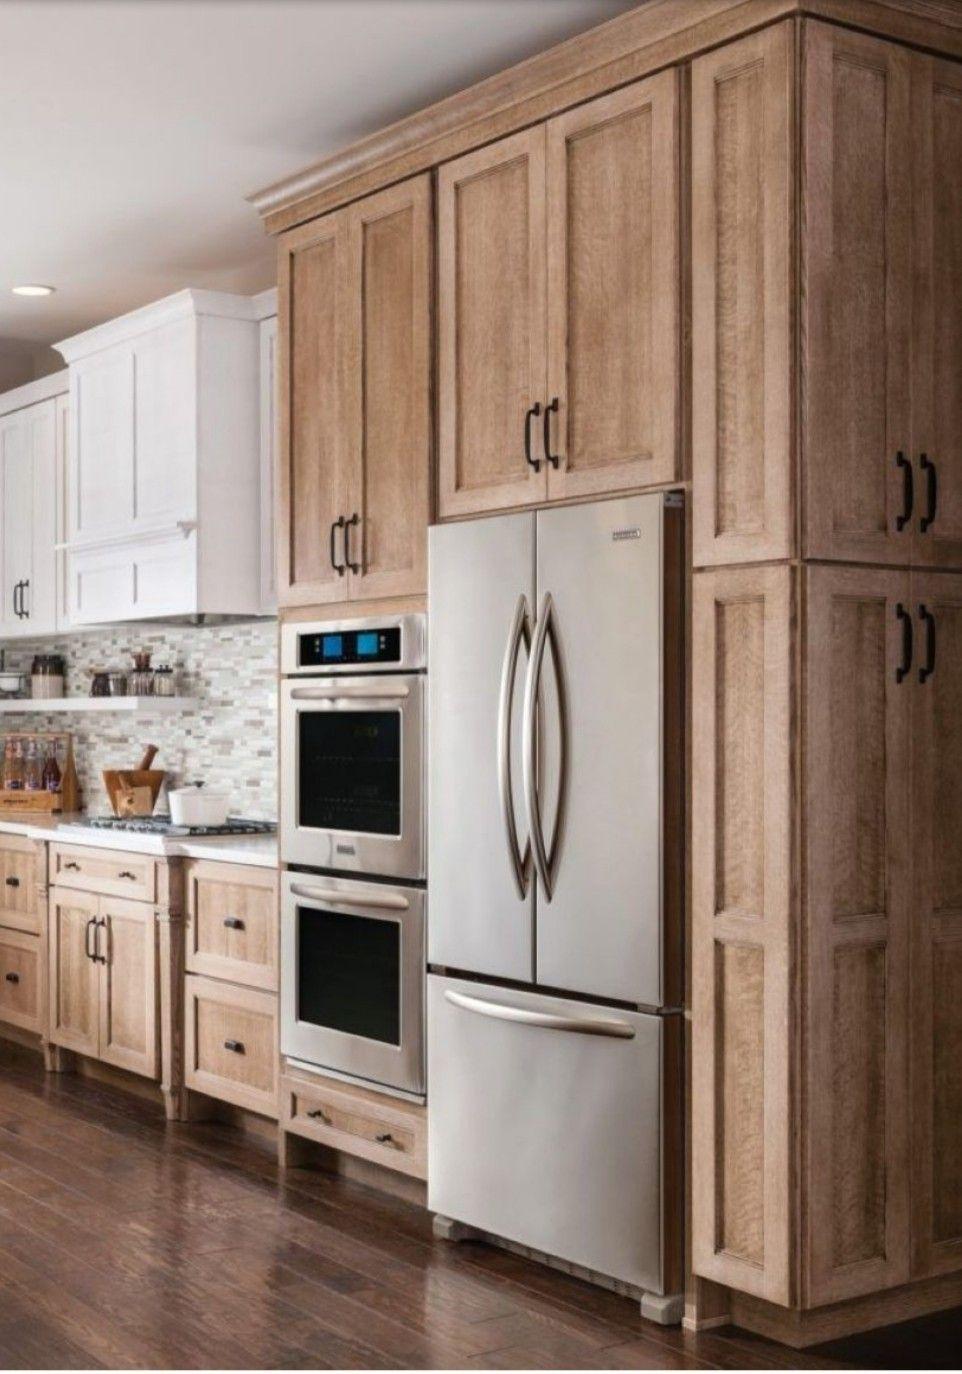 Cabinets Around The Fridge Dream Kitchen Cabinets Brown Kitchen Cabinets Kitchen Cabinet Design